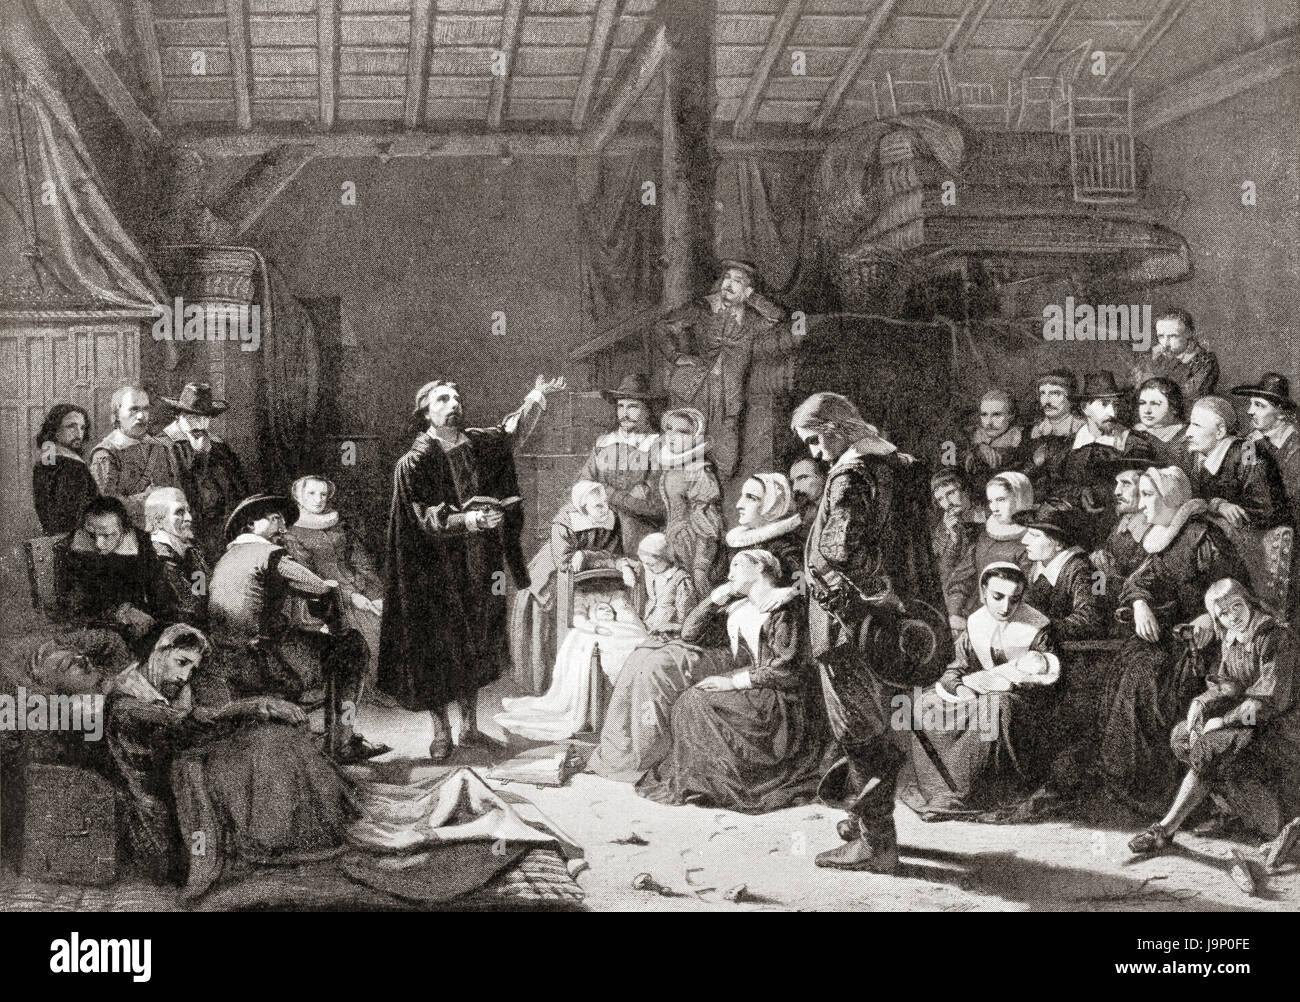 La primera reunión de los Padres Peregrinos, siglo XVII. La historia de Hutchinson de las Naciones, publicado Imagen De Stock